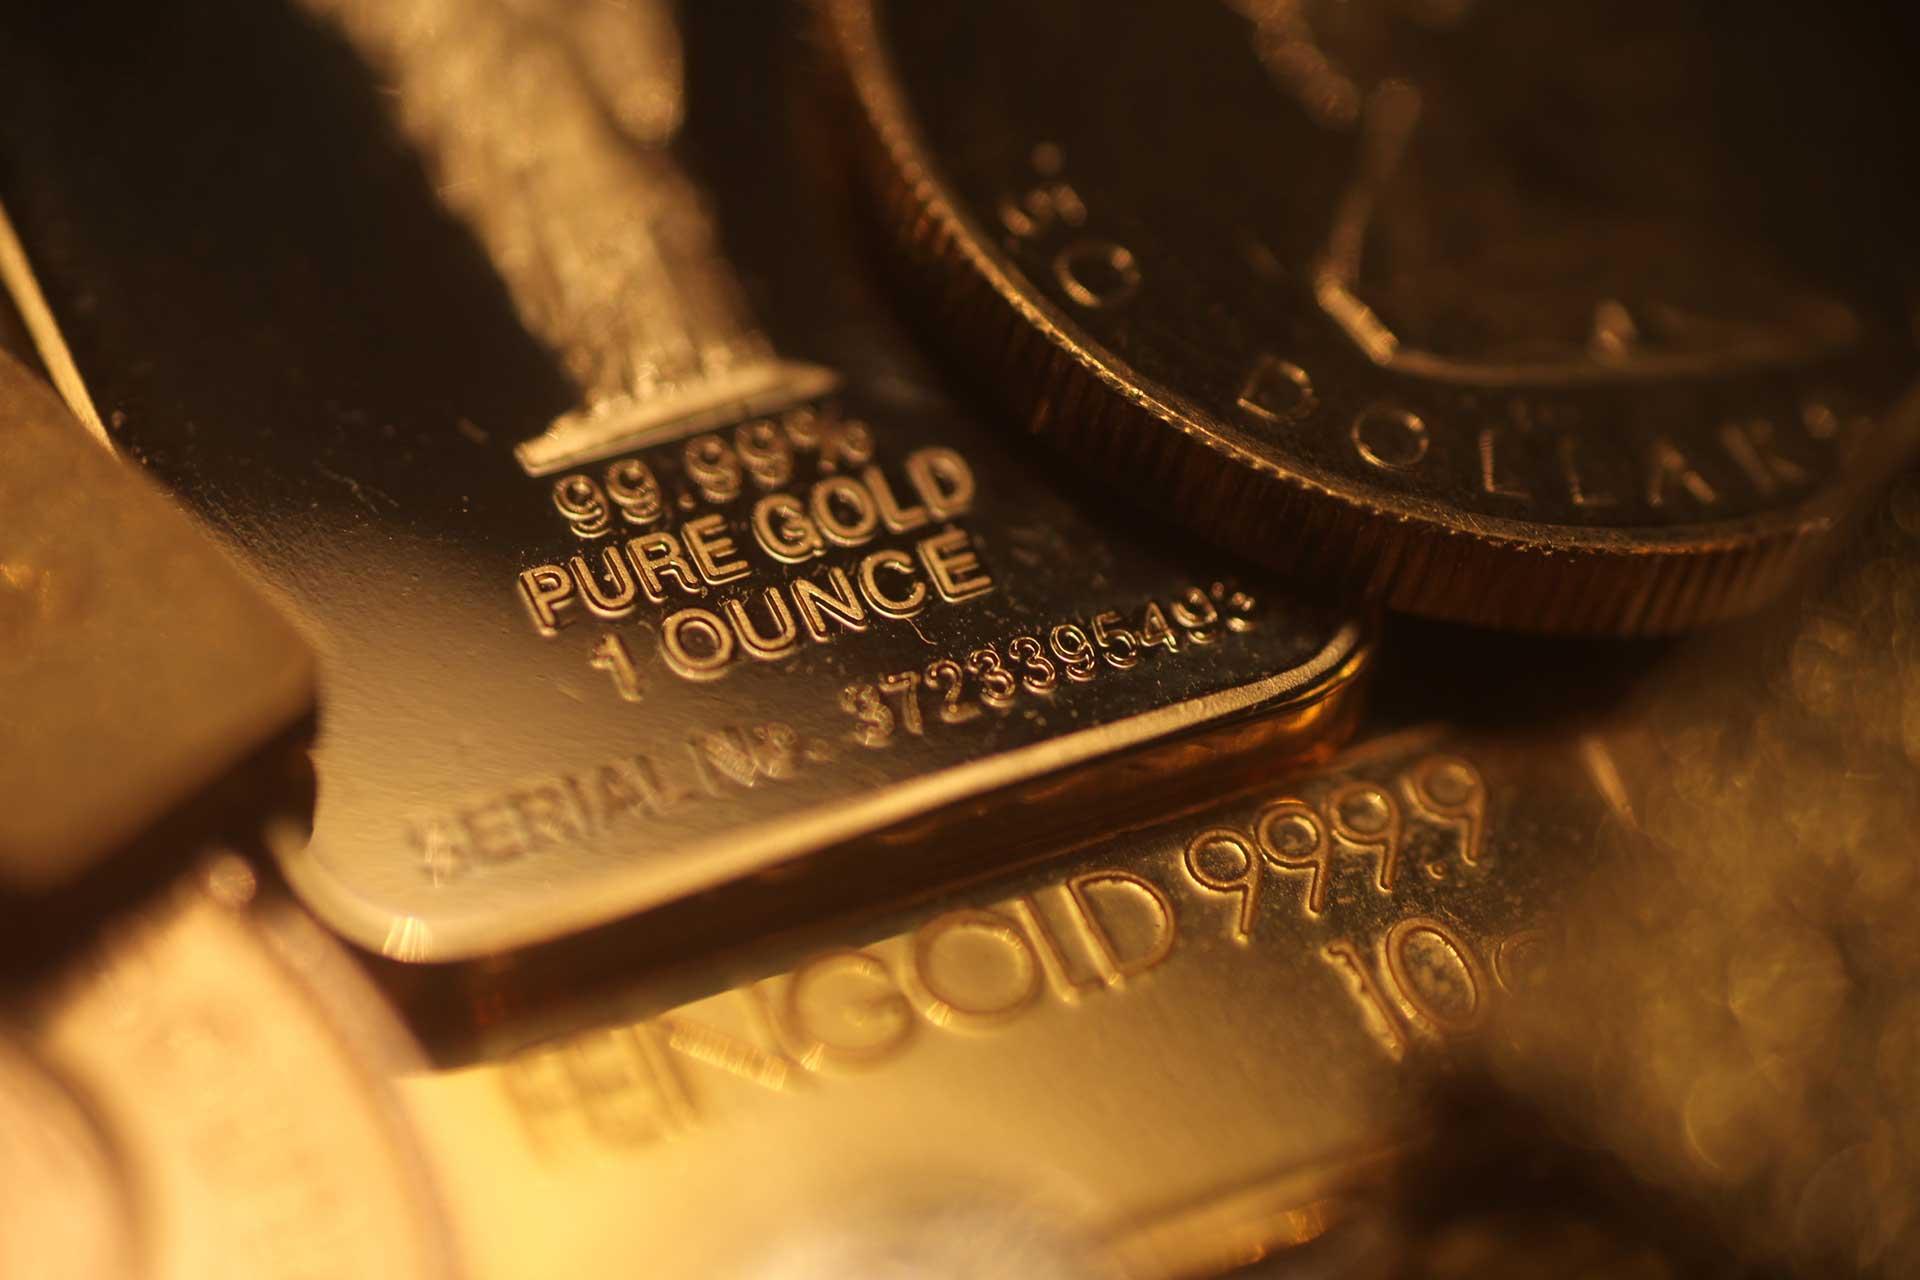 rolex-uhrenankauf-wien-juwelier-sascha, Breitling-Markenuhr-Uhren-Ankauf-Wien-Juwelier-Sascha, Goldringe, Bruchgold, Silberbesteck diamanten uhren gold münzen juwelier schmuck - GoldAnkaufBanner - Juwelier Sascha Goldankauf – Silberankauf – Schmuckankauf – Münzen Ankauf – Uhrenservice und Uhrenreparatur